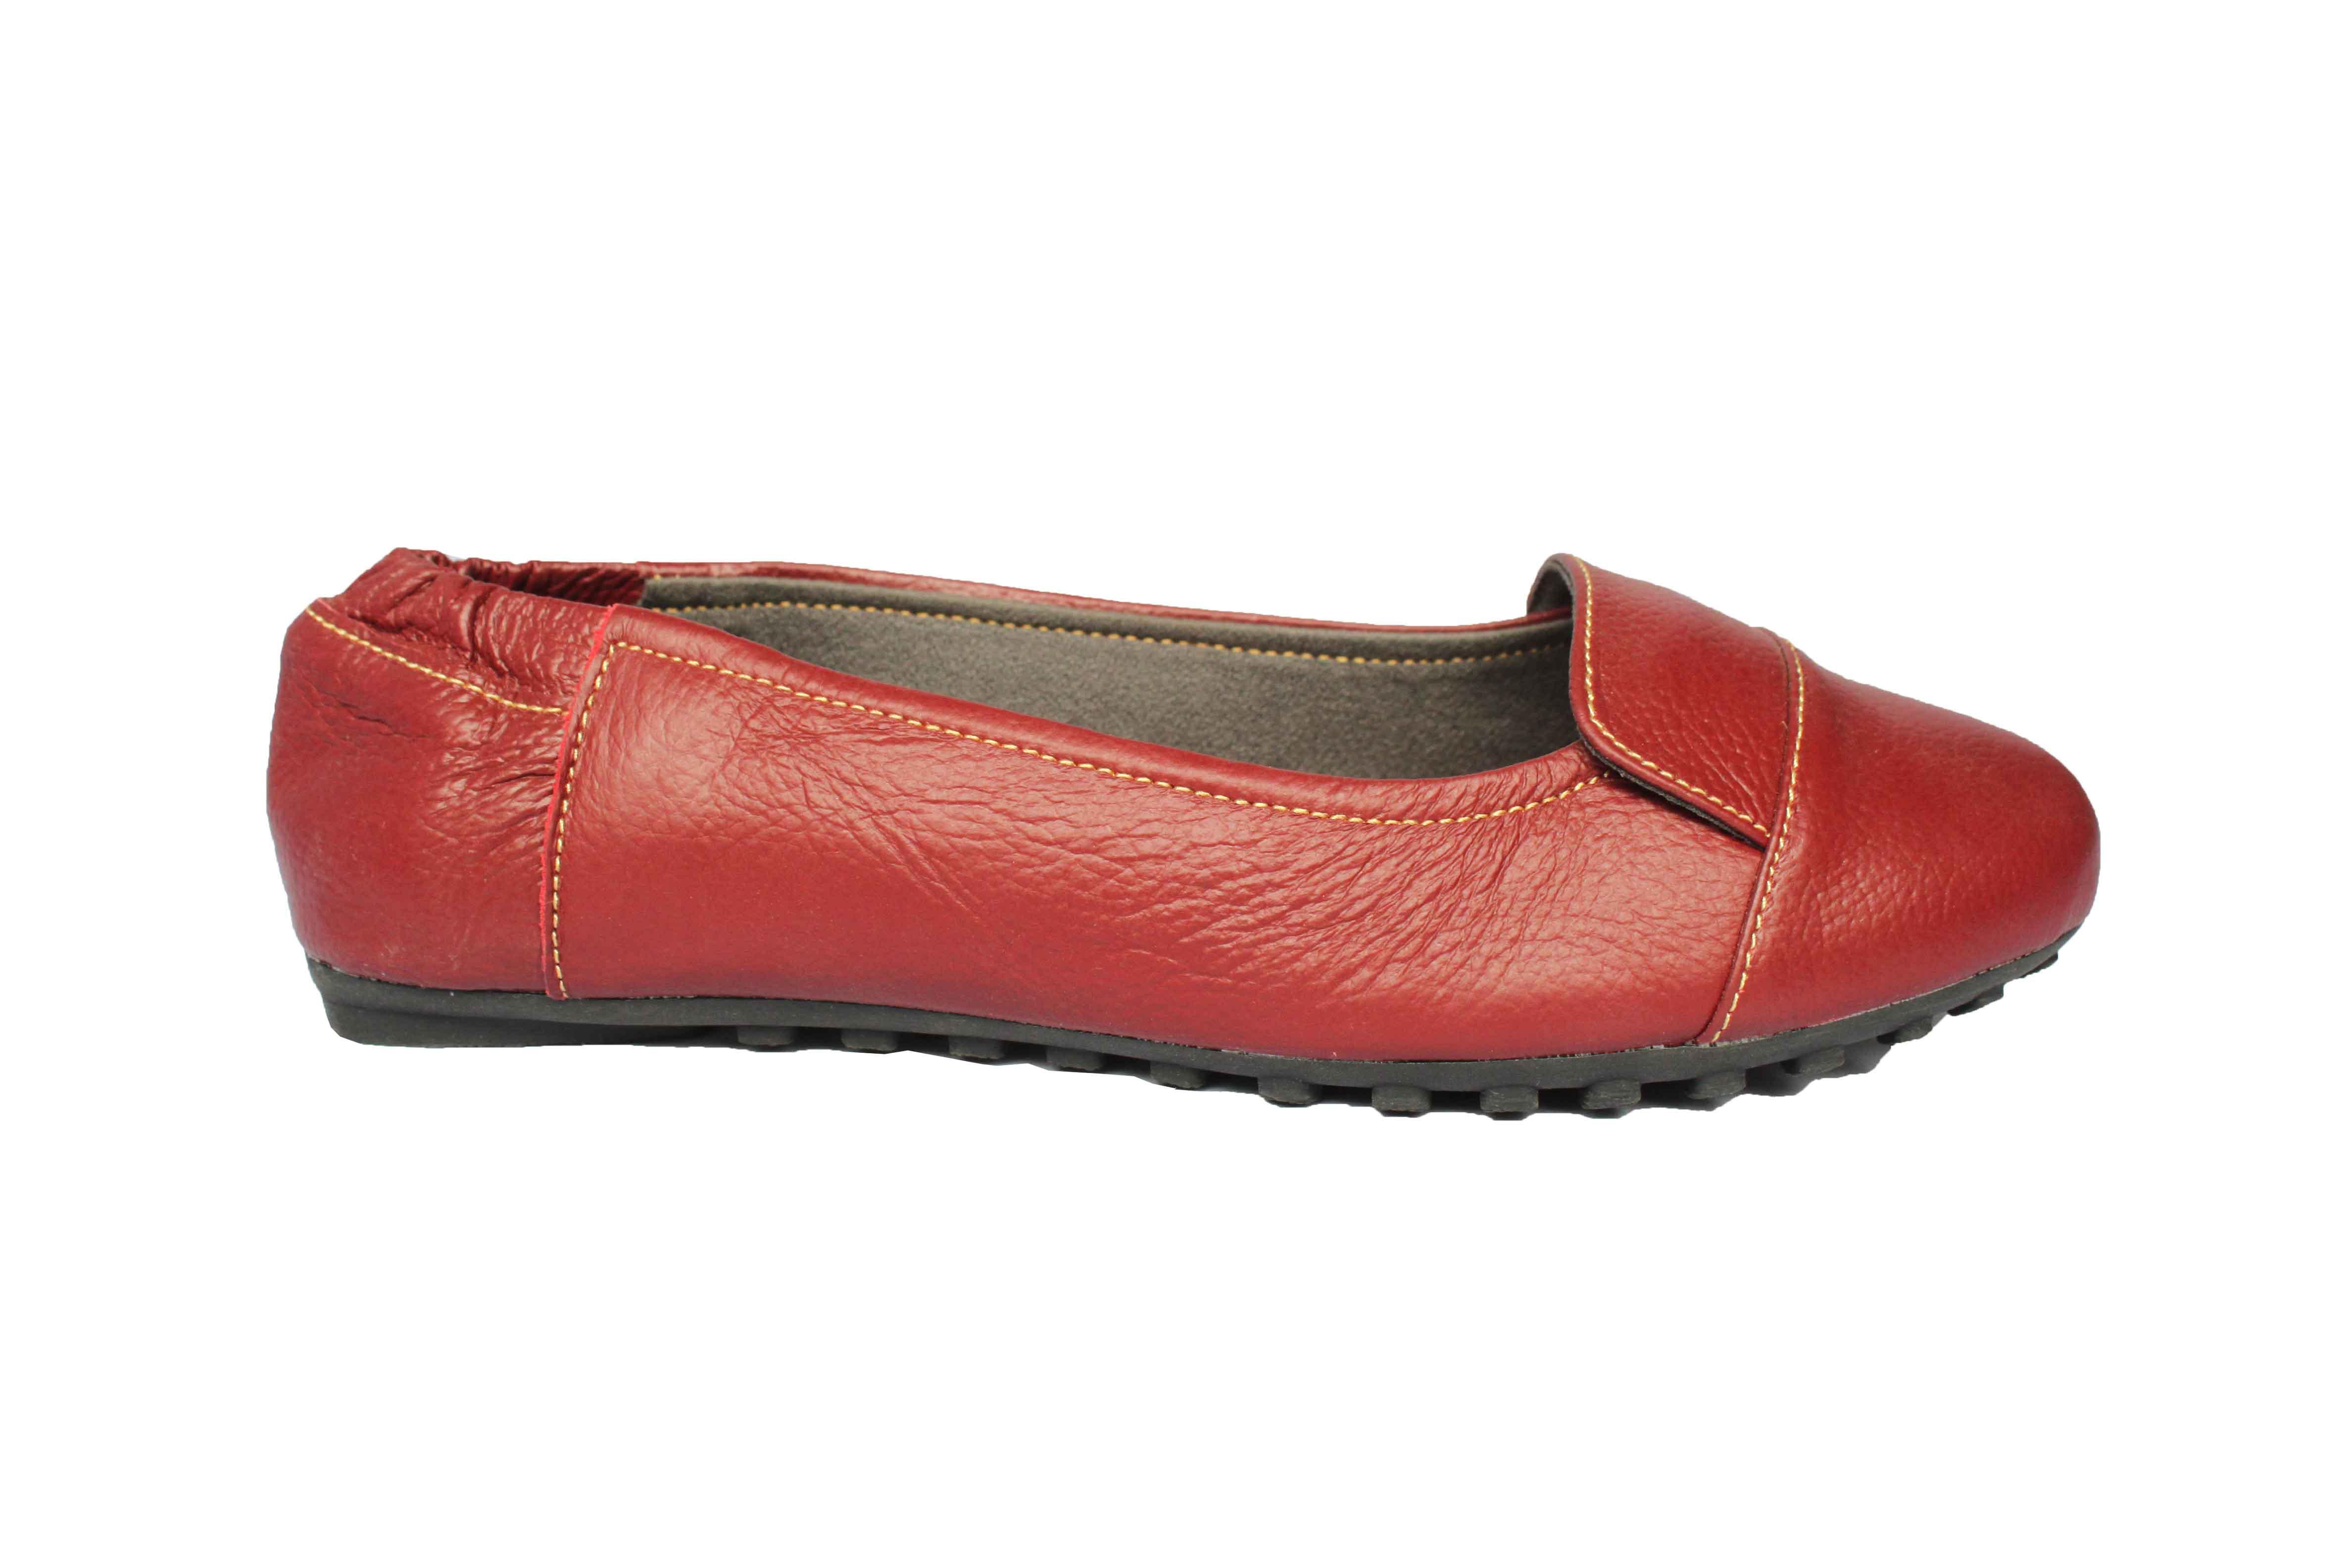 giày moka nữ xinh xắn